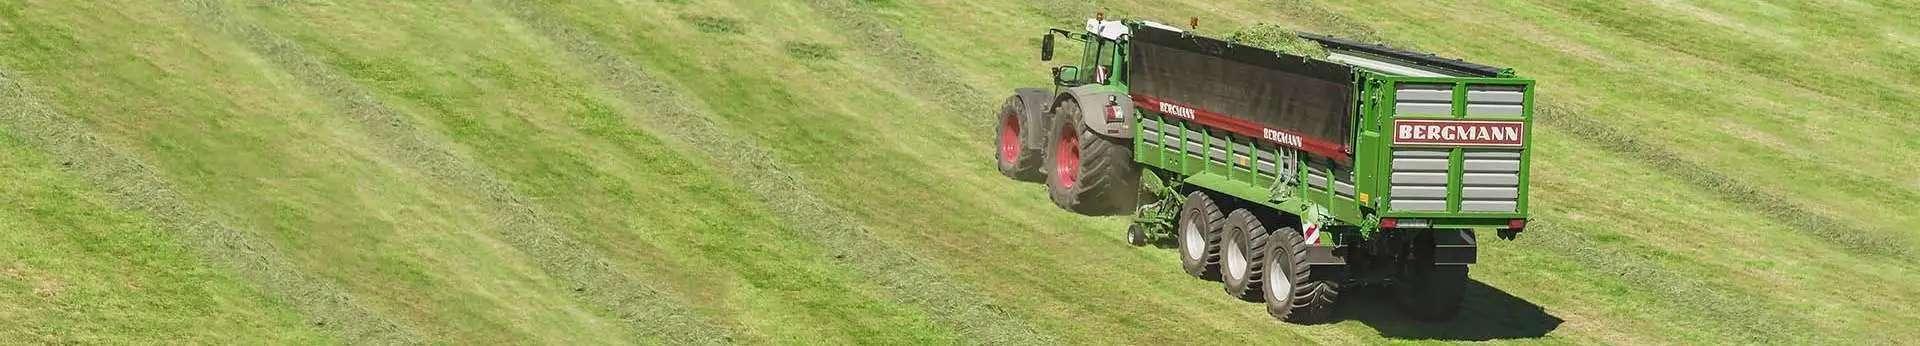 Widok pracującej na uzytku zielonym przyczepy samozbierajacej firmy Bergmann